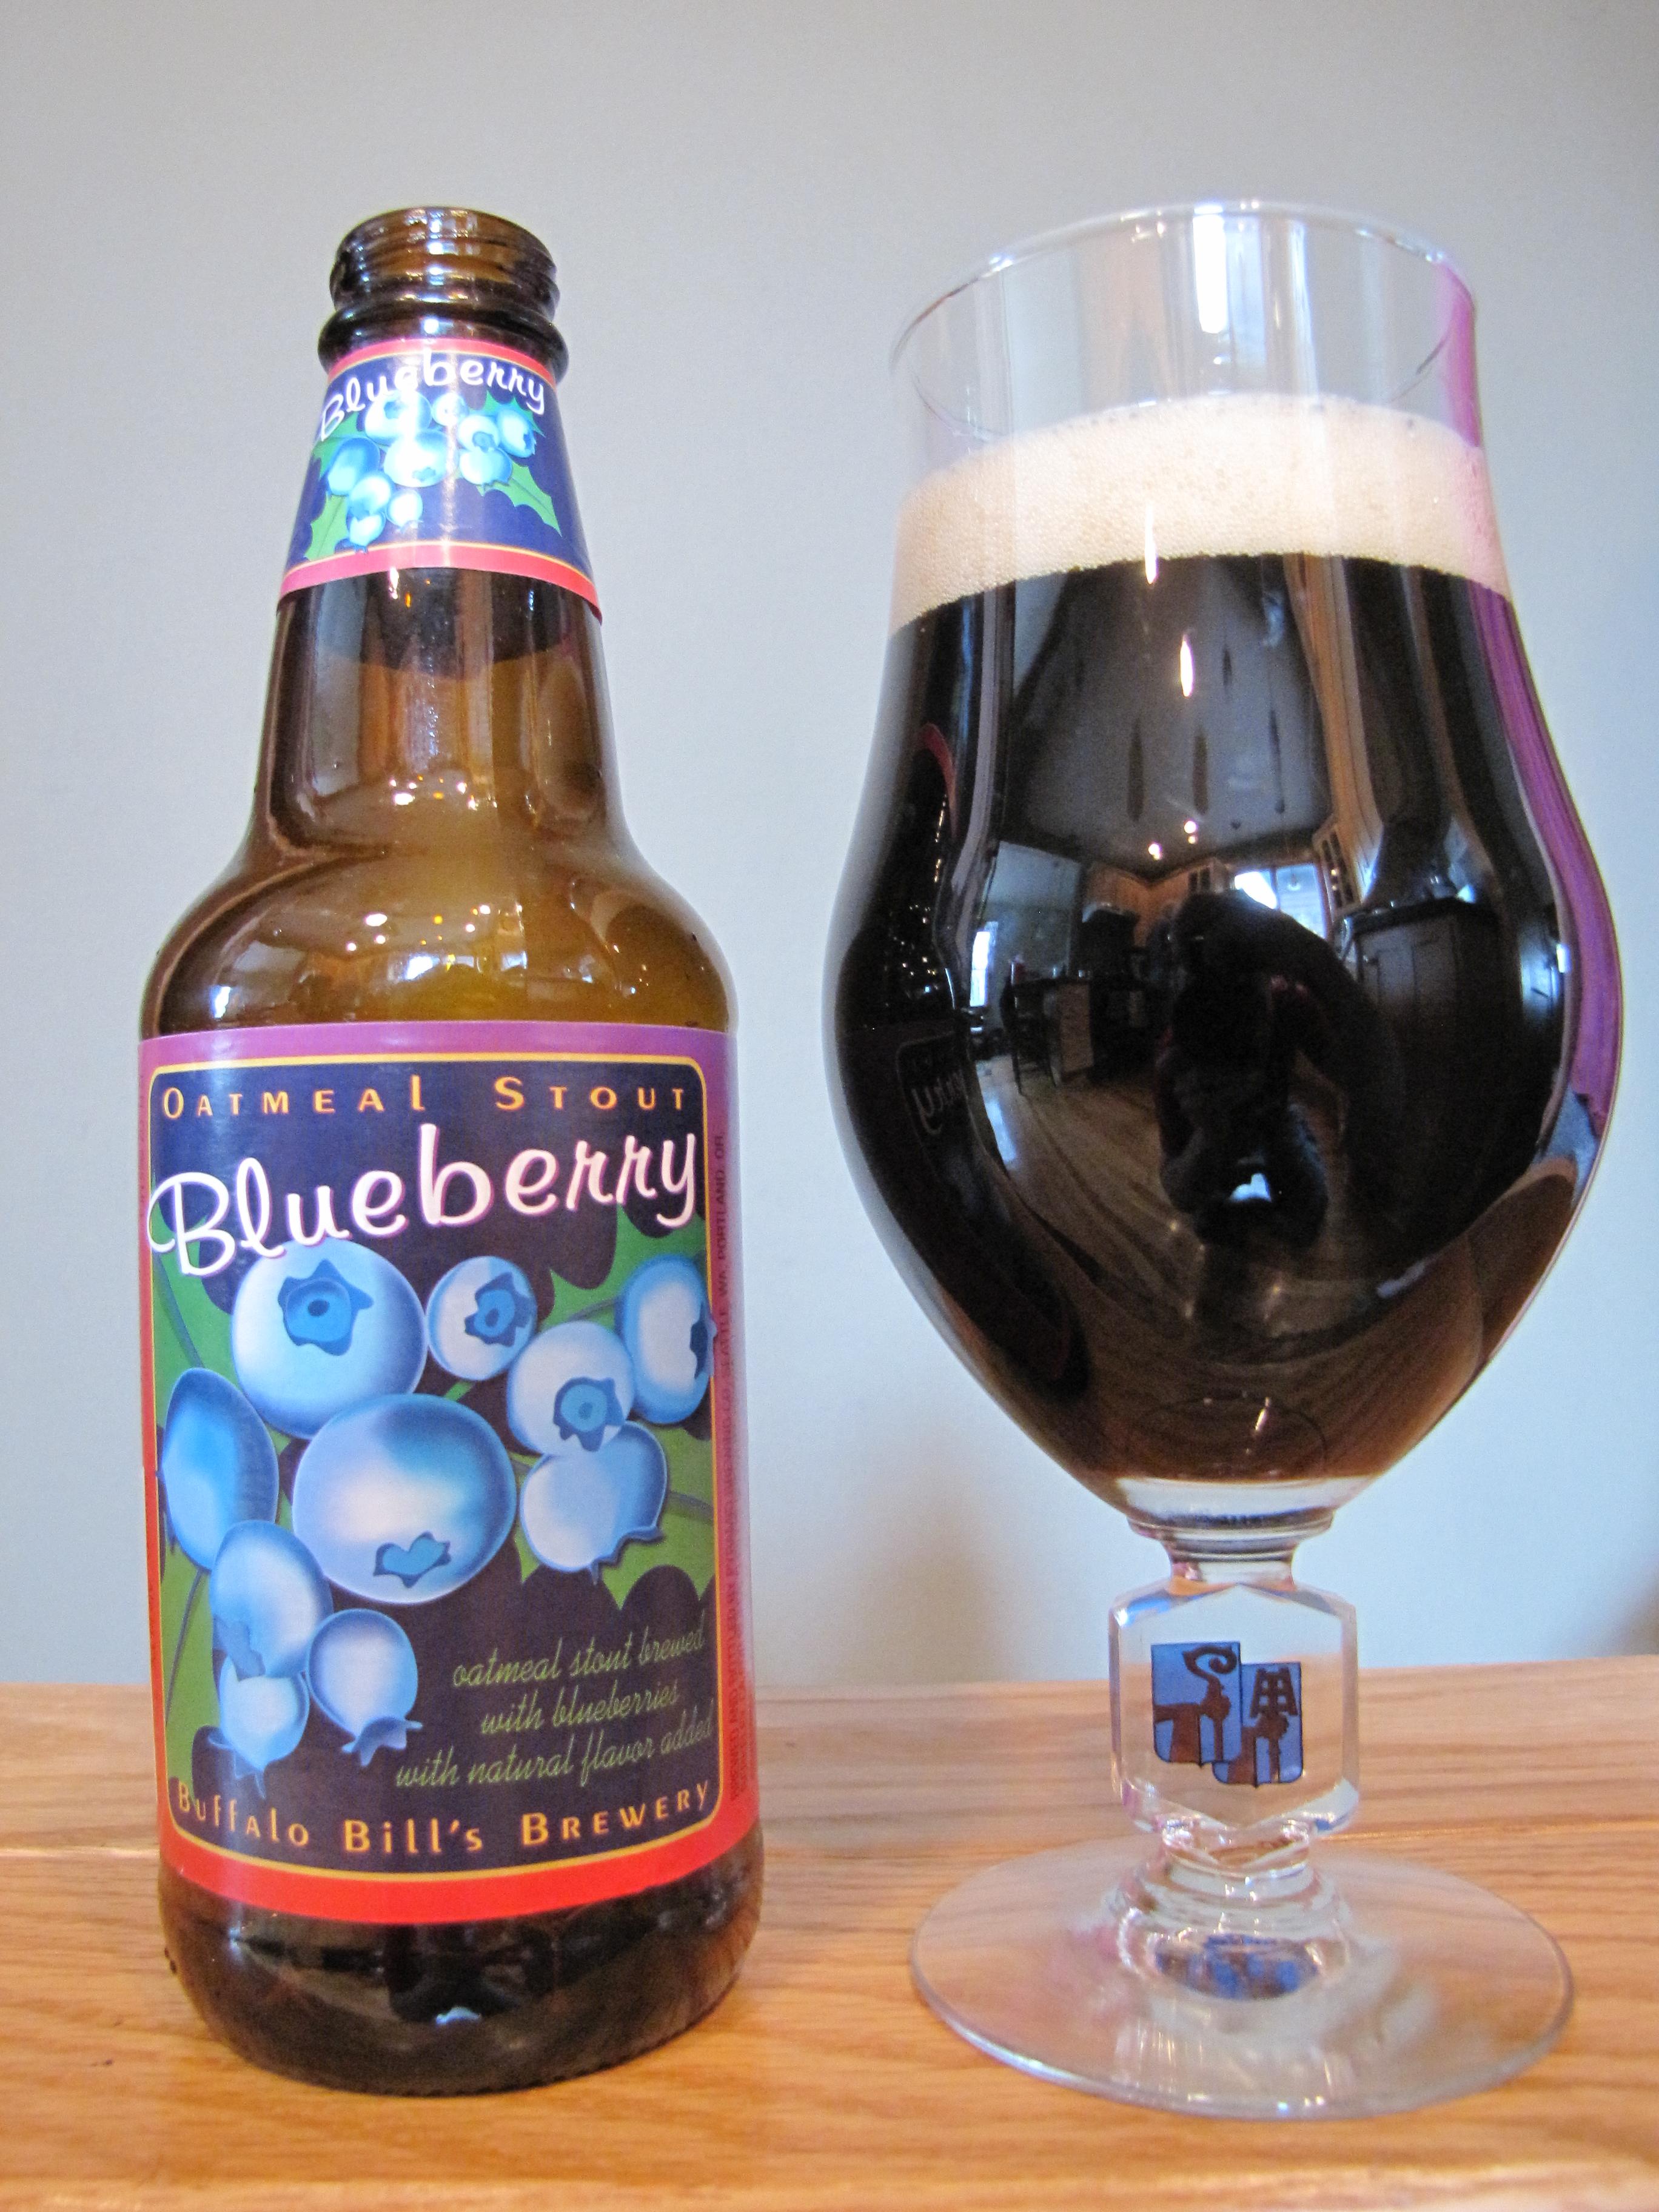 Buffalo Bill's Blueberry Oatmeal Stout